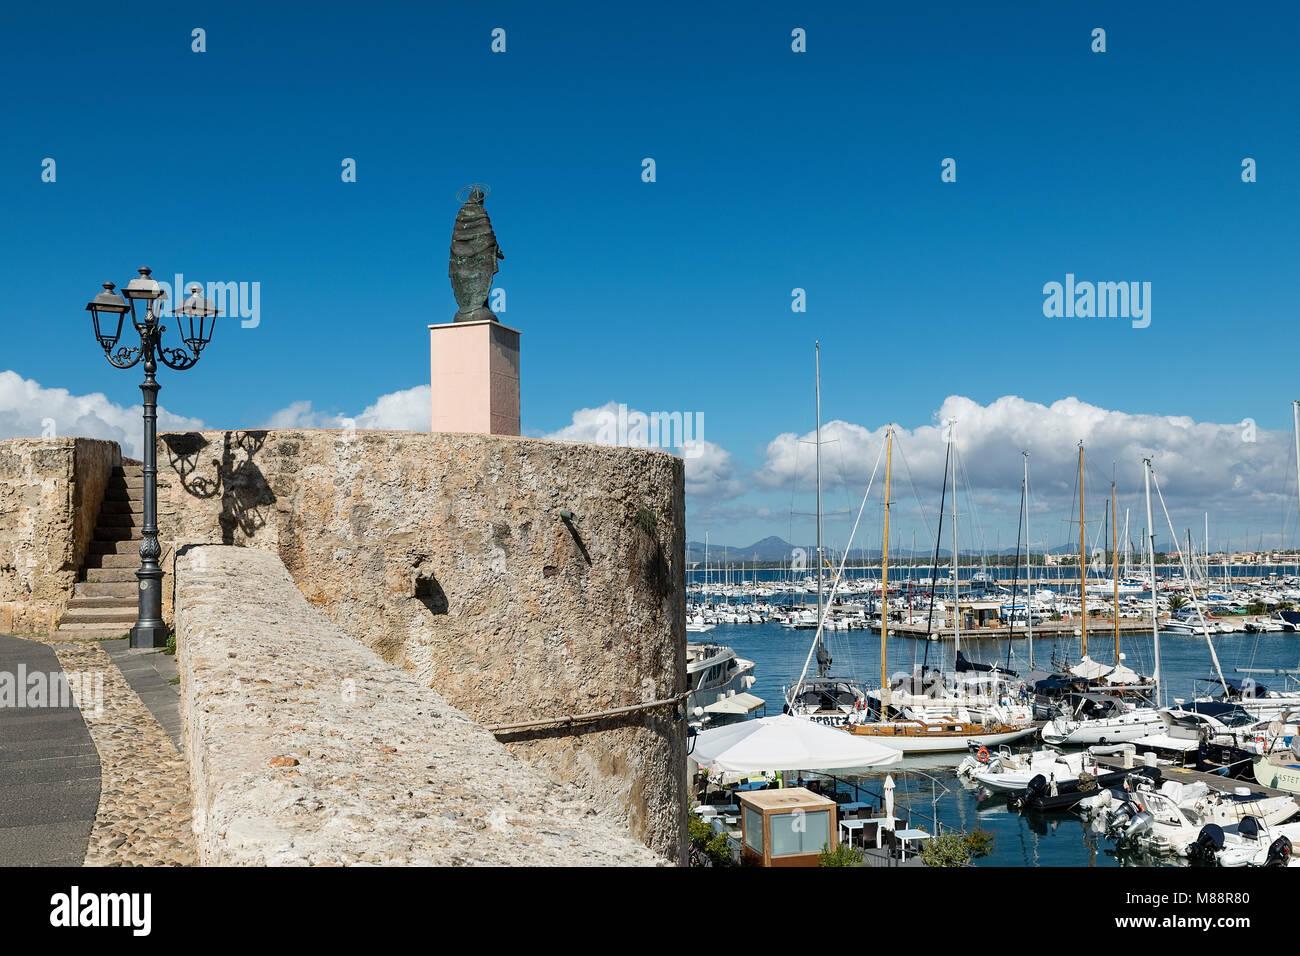 Los barcos del Puerto, Alghero (Cerdeña, Italia) Imagen De Stock